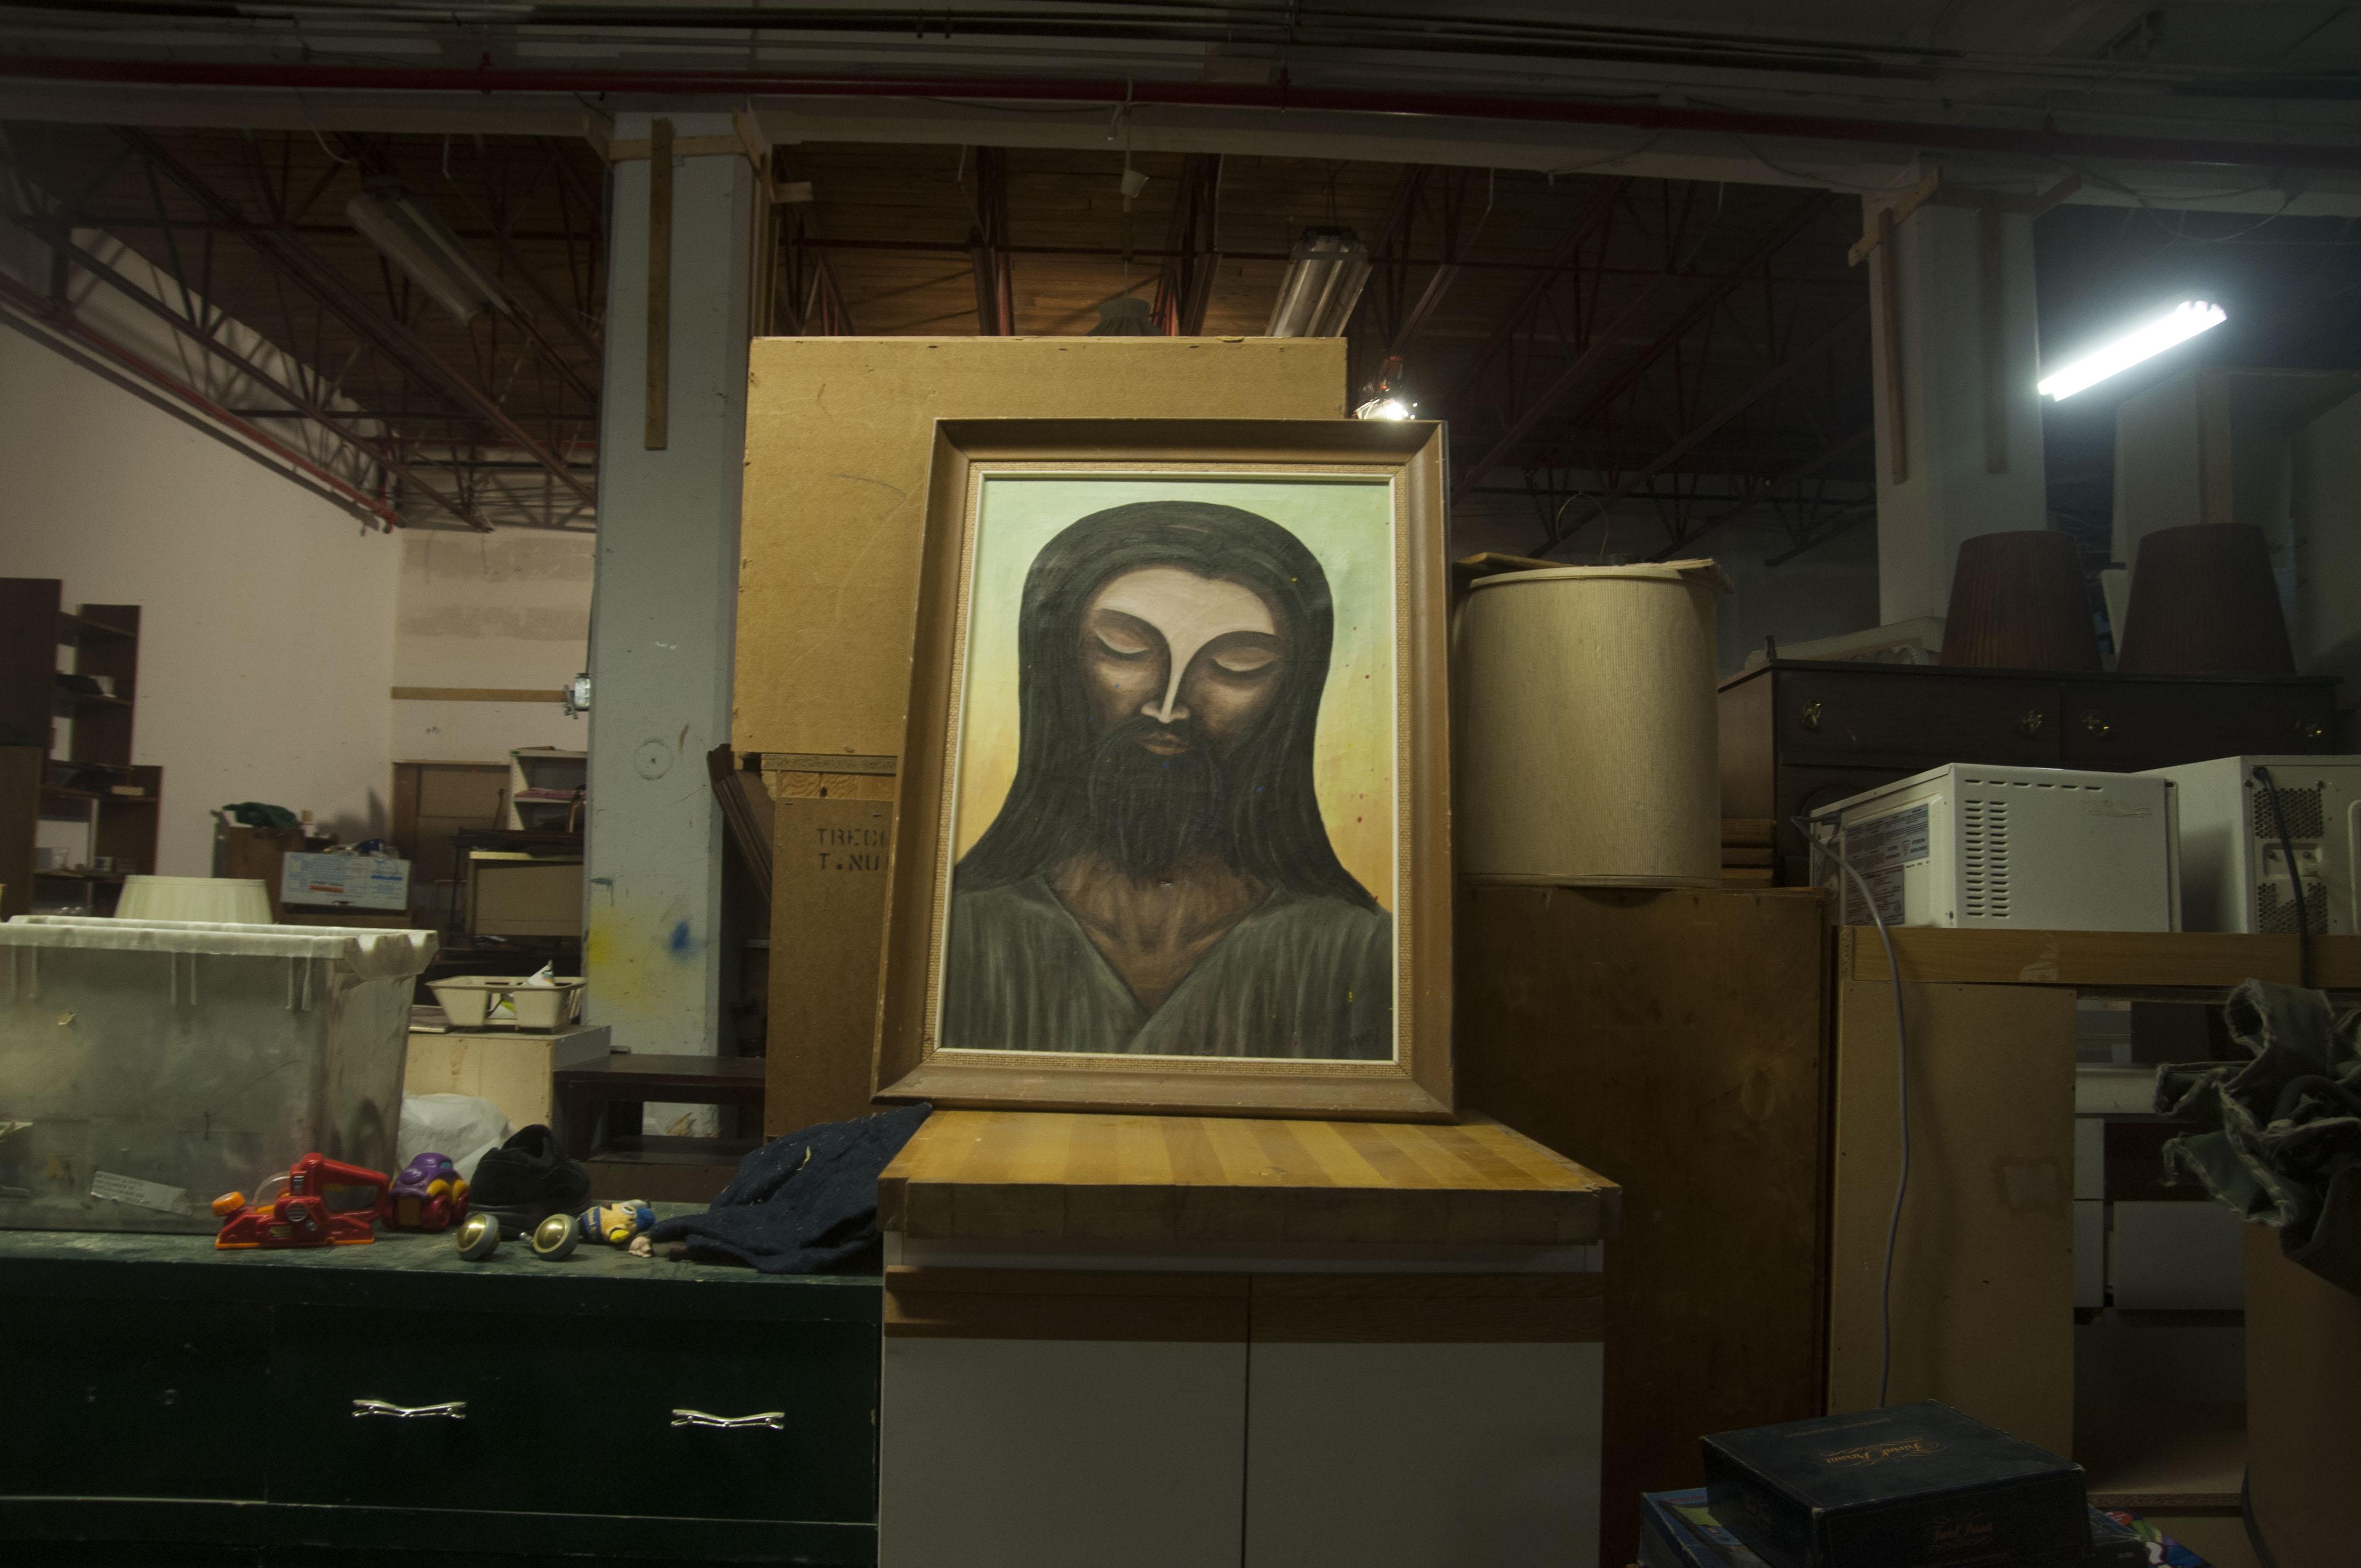 Kijiji Kitchener Waterloo Furniture Kens World The Community Edition